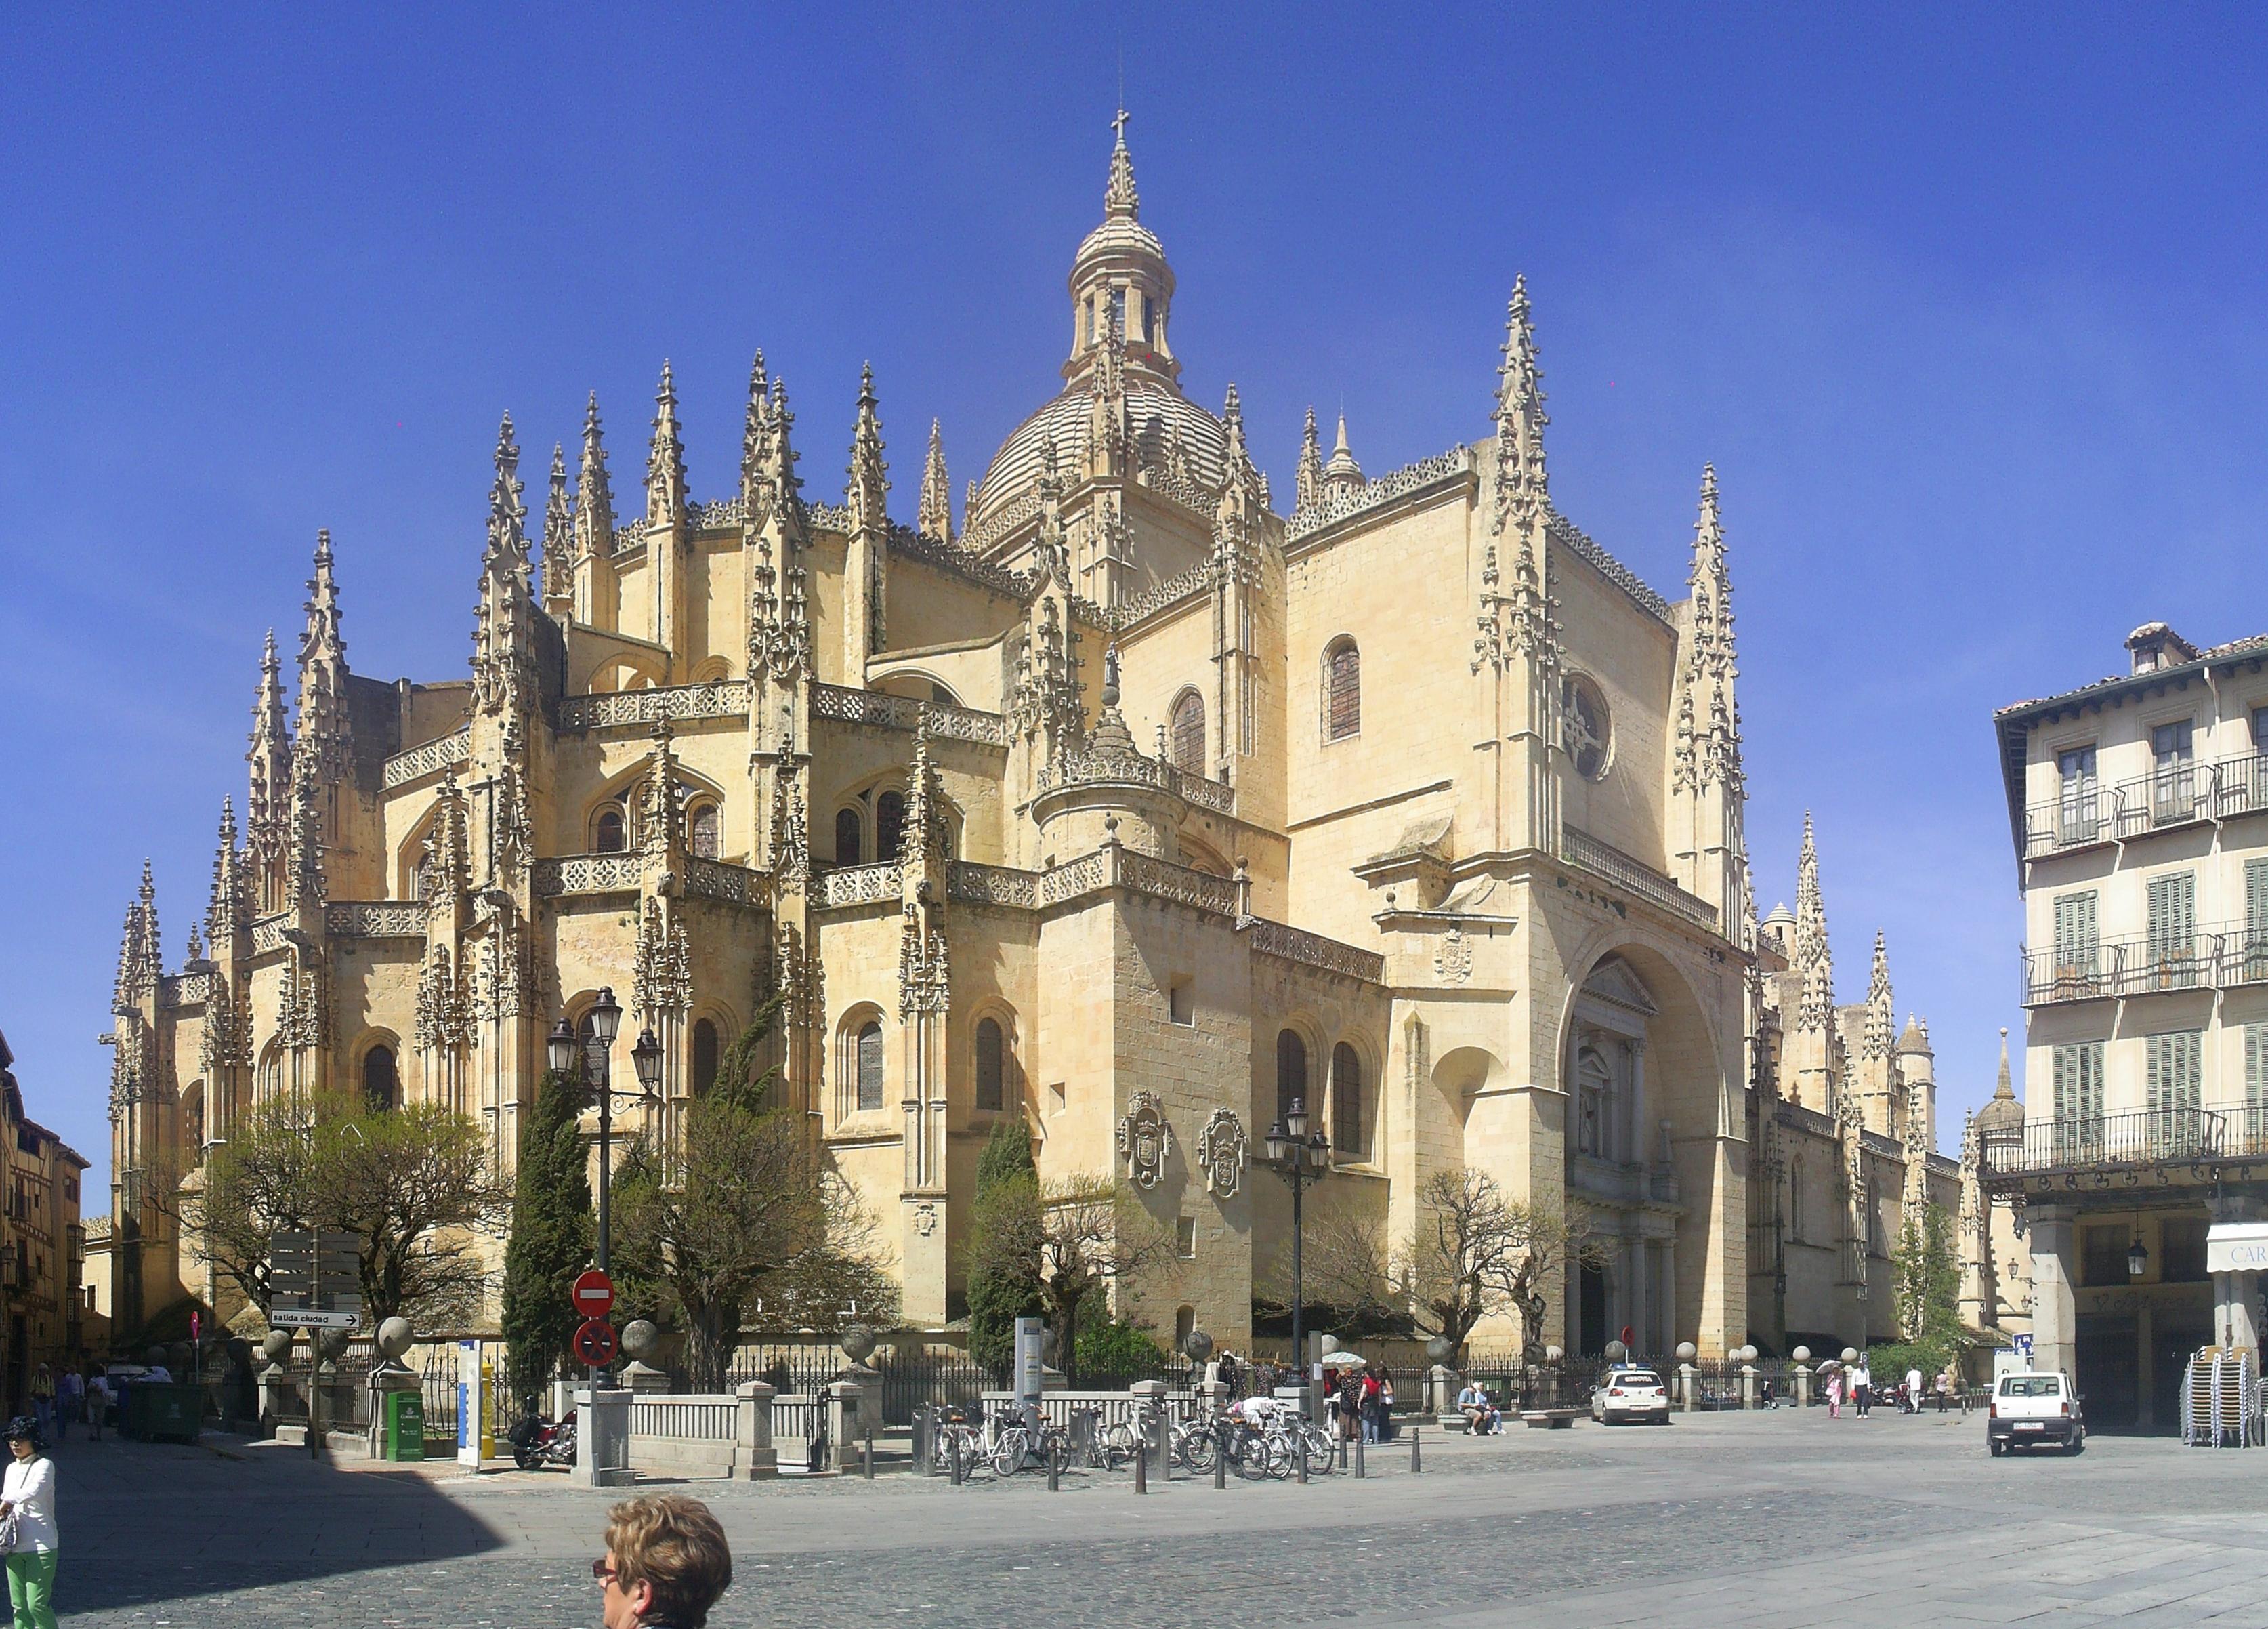 File:-3- AutoPanoPro, Segovia - Cattedrale, 3 images ...